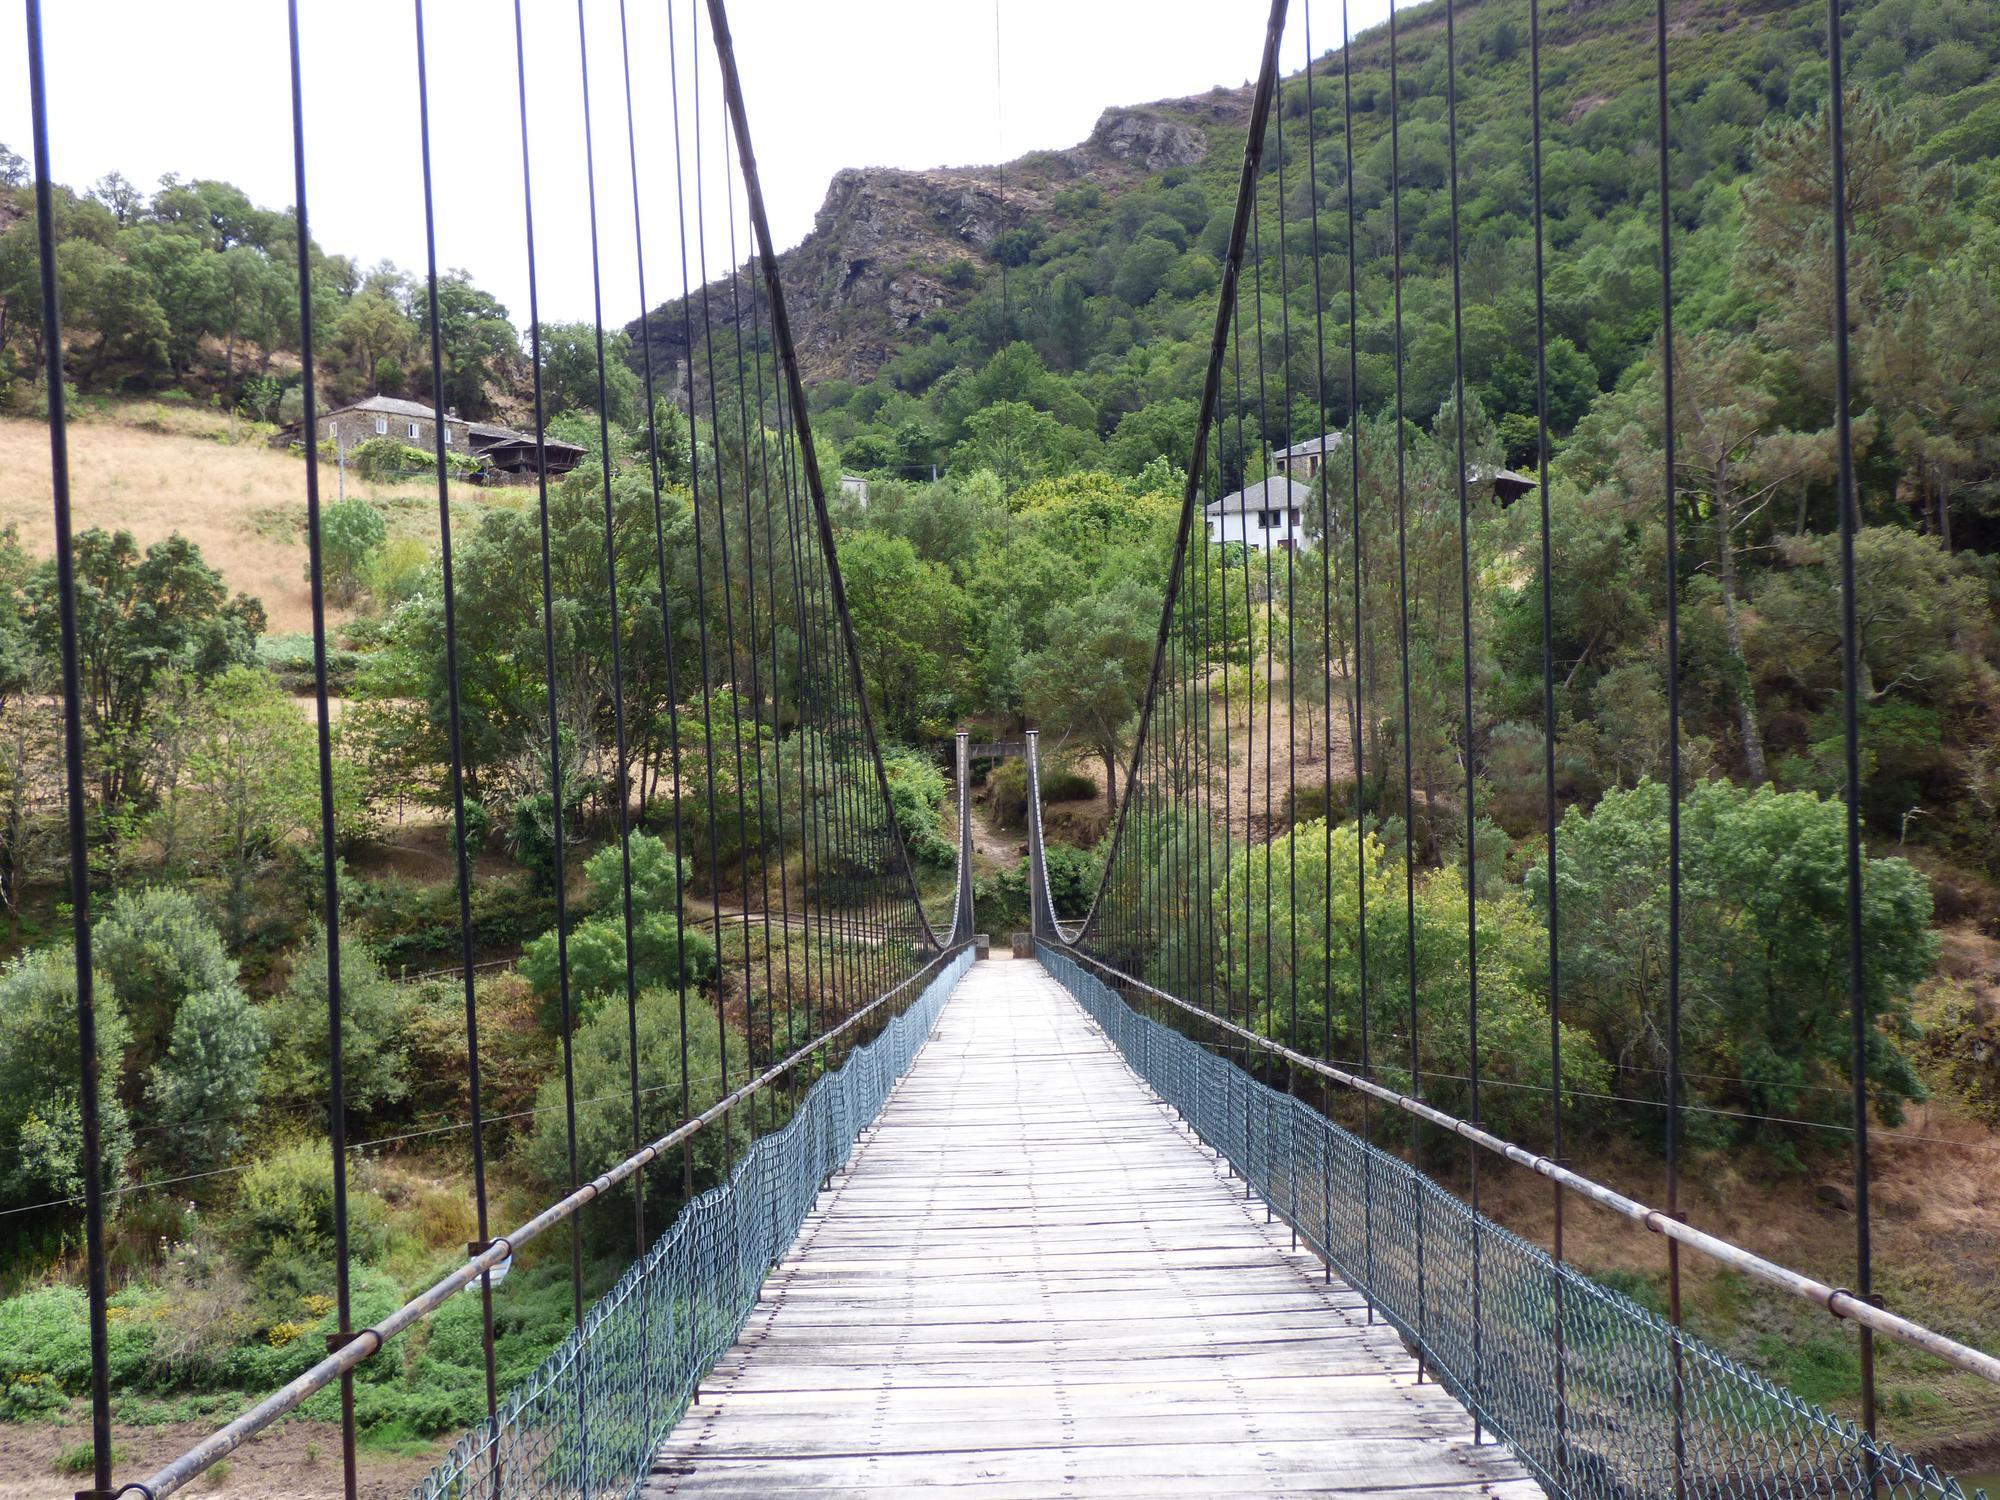 Pueblos guapos de Asturias: Riodeporcos (Ibias), al que se llega cruzando un puente